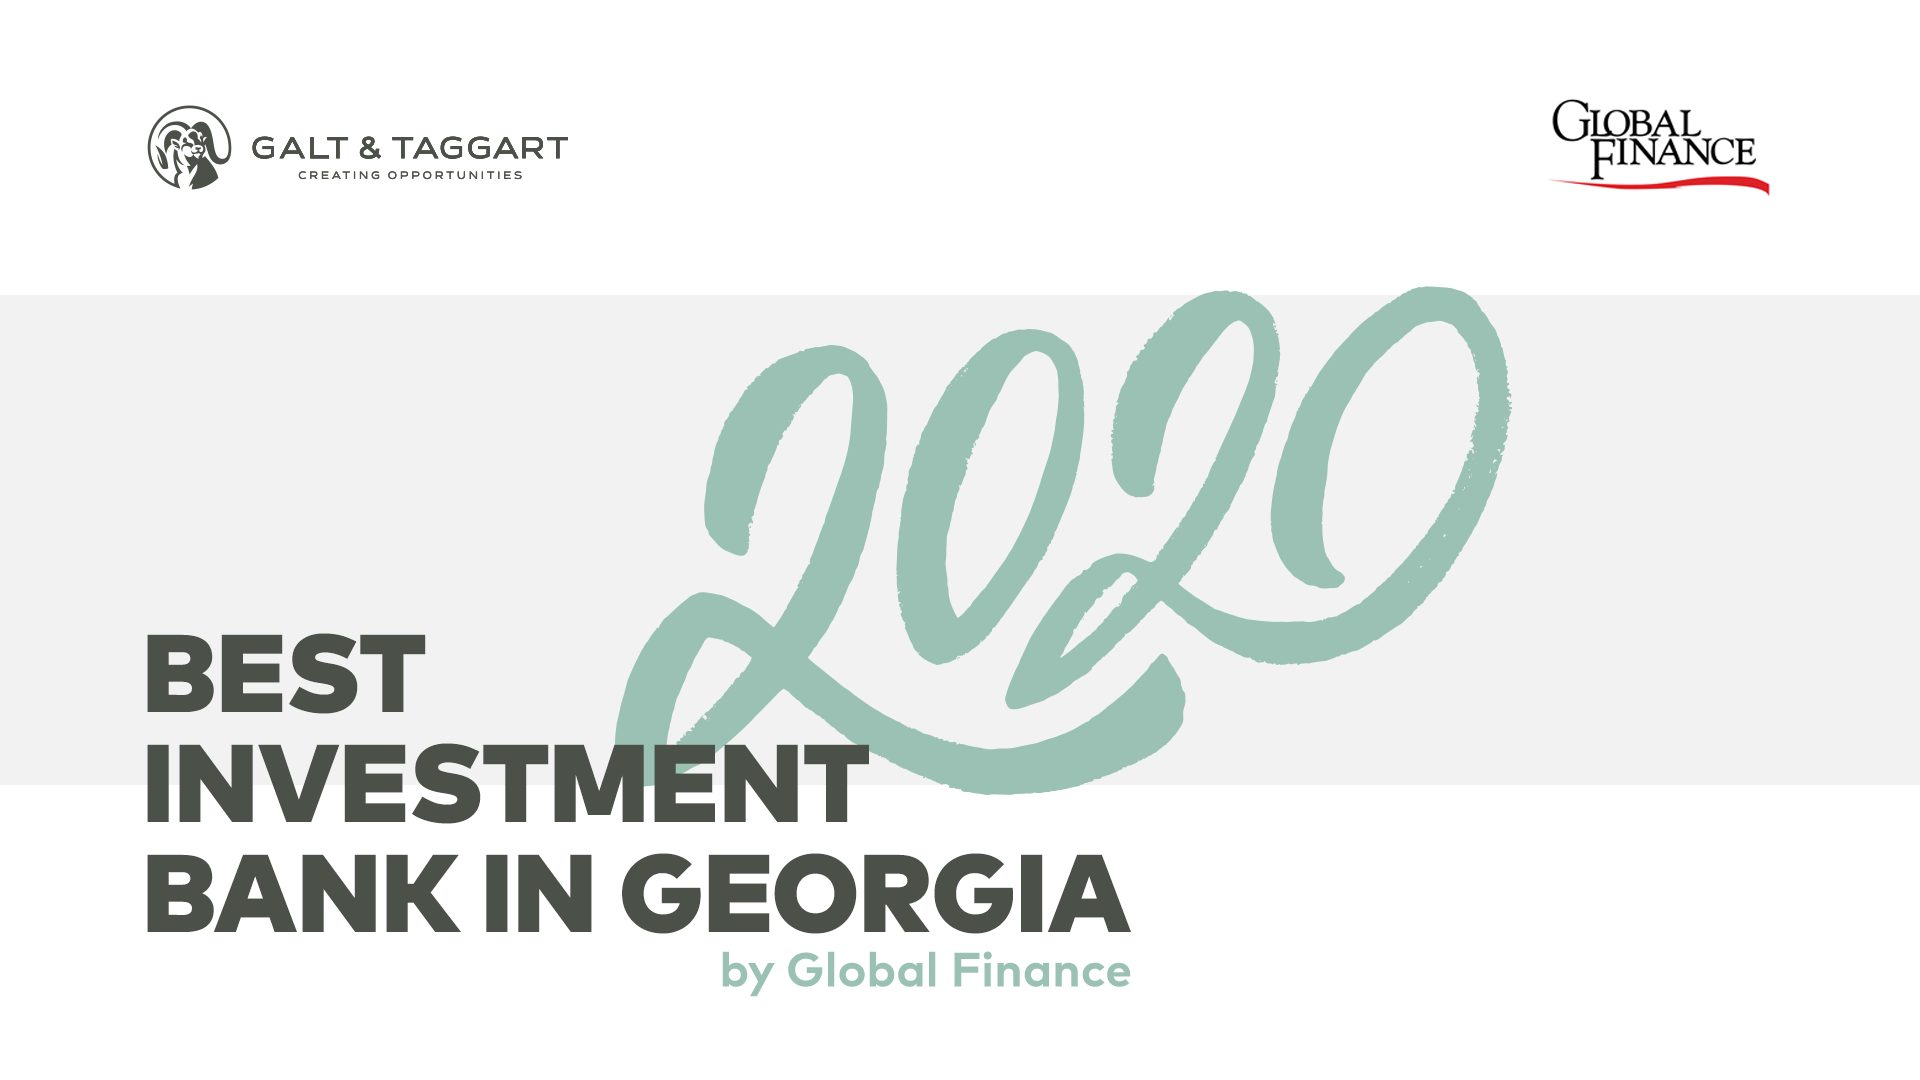 Photo of გალტ ენდ თაგარტი Global Finance -მა  საქართველოში საუკეთესო საინვესტიციო ბანკად აღიარა